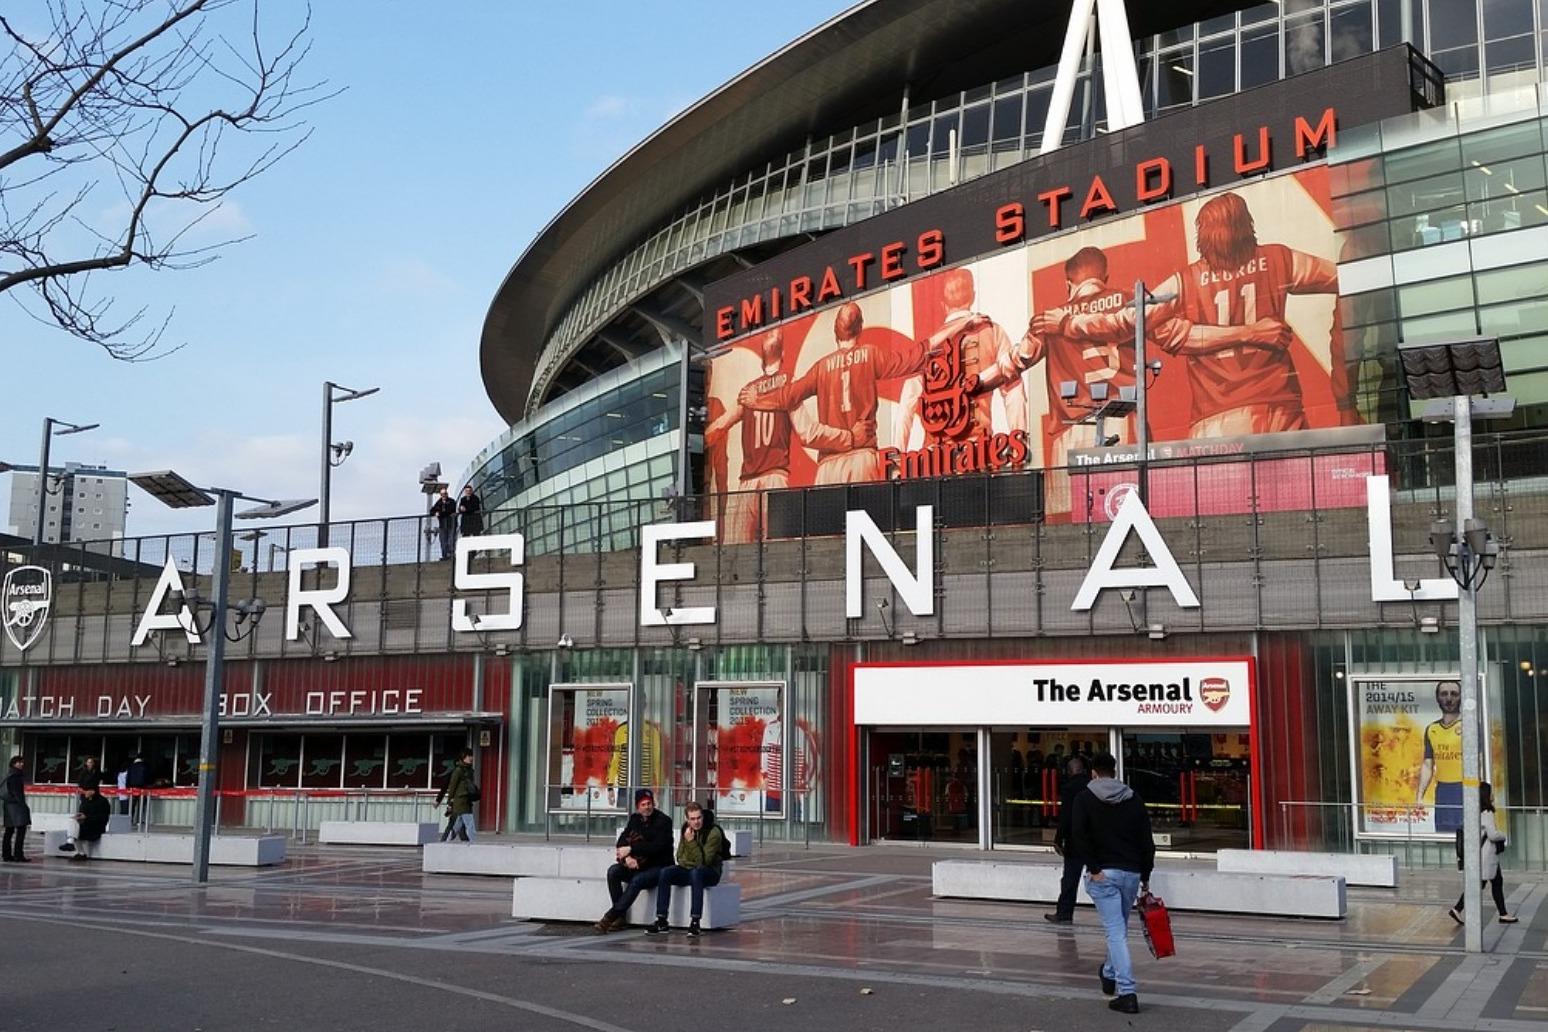 Arsenal reach Europa League last four